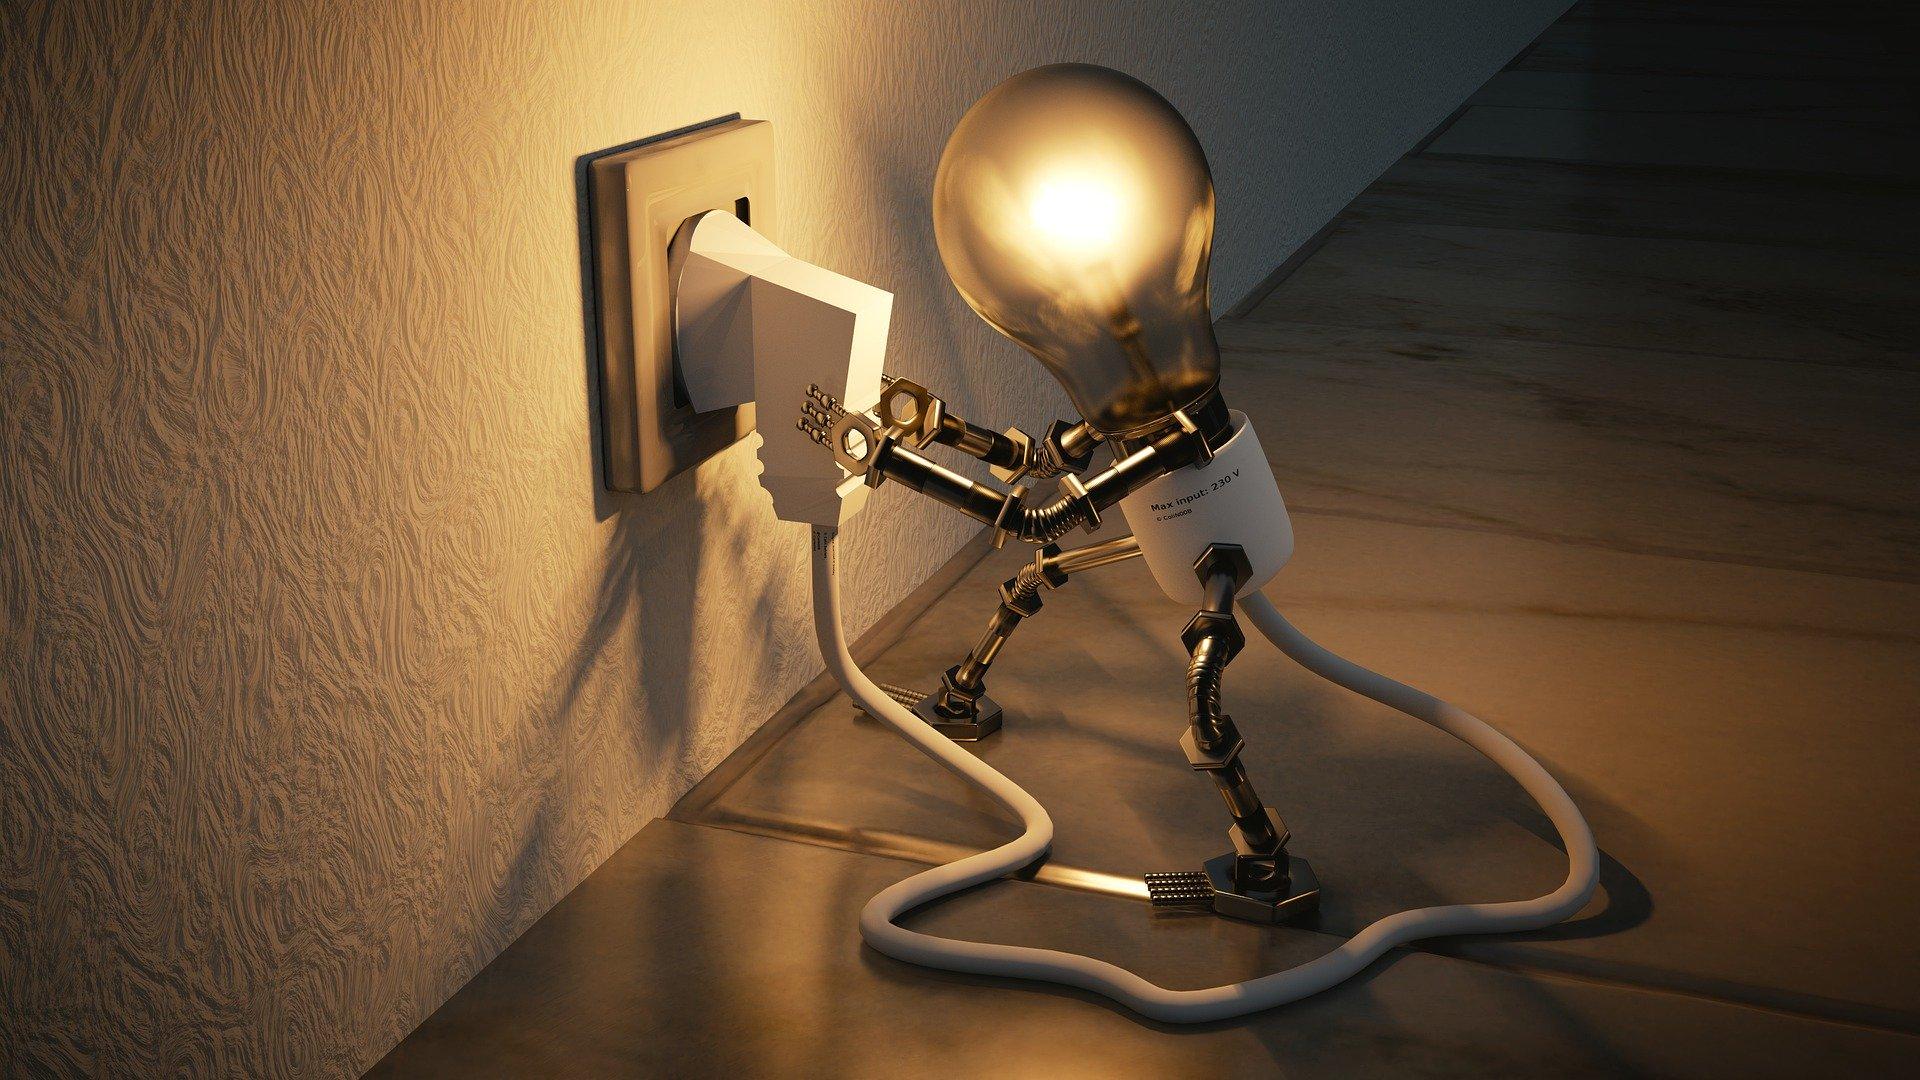 I consigli per ridurre consumi e sprechi di energia nel bilancio familiare